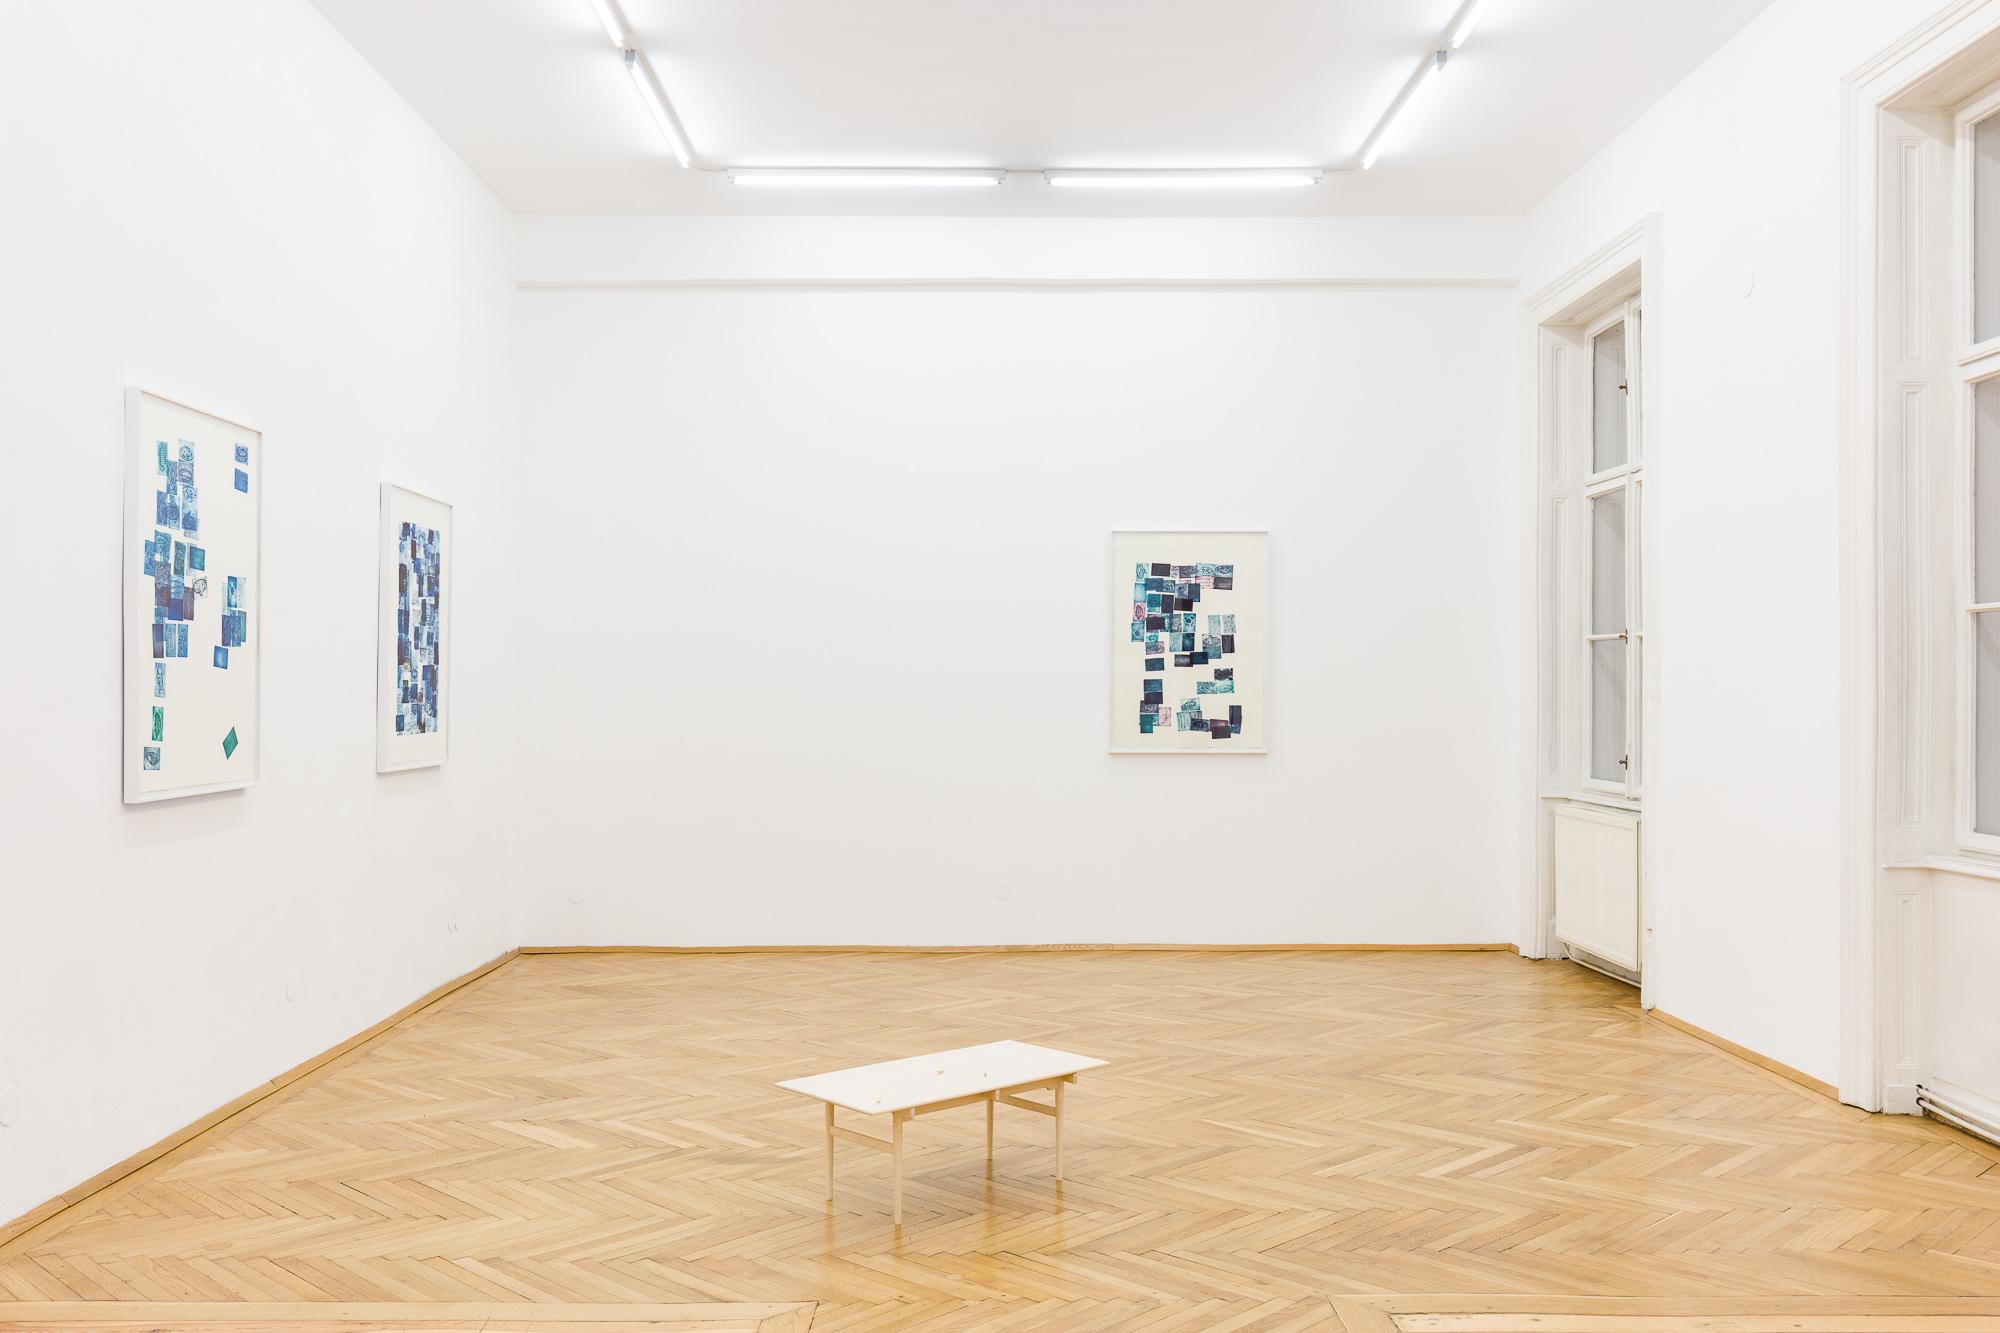 2019_01_25_Knut Ivar Aaser at Felix Gaudlitz_by kunst-dokumentationcom_003_web_v2.jpg